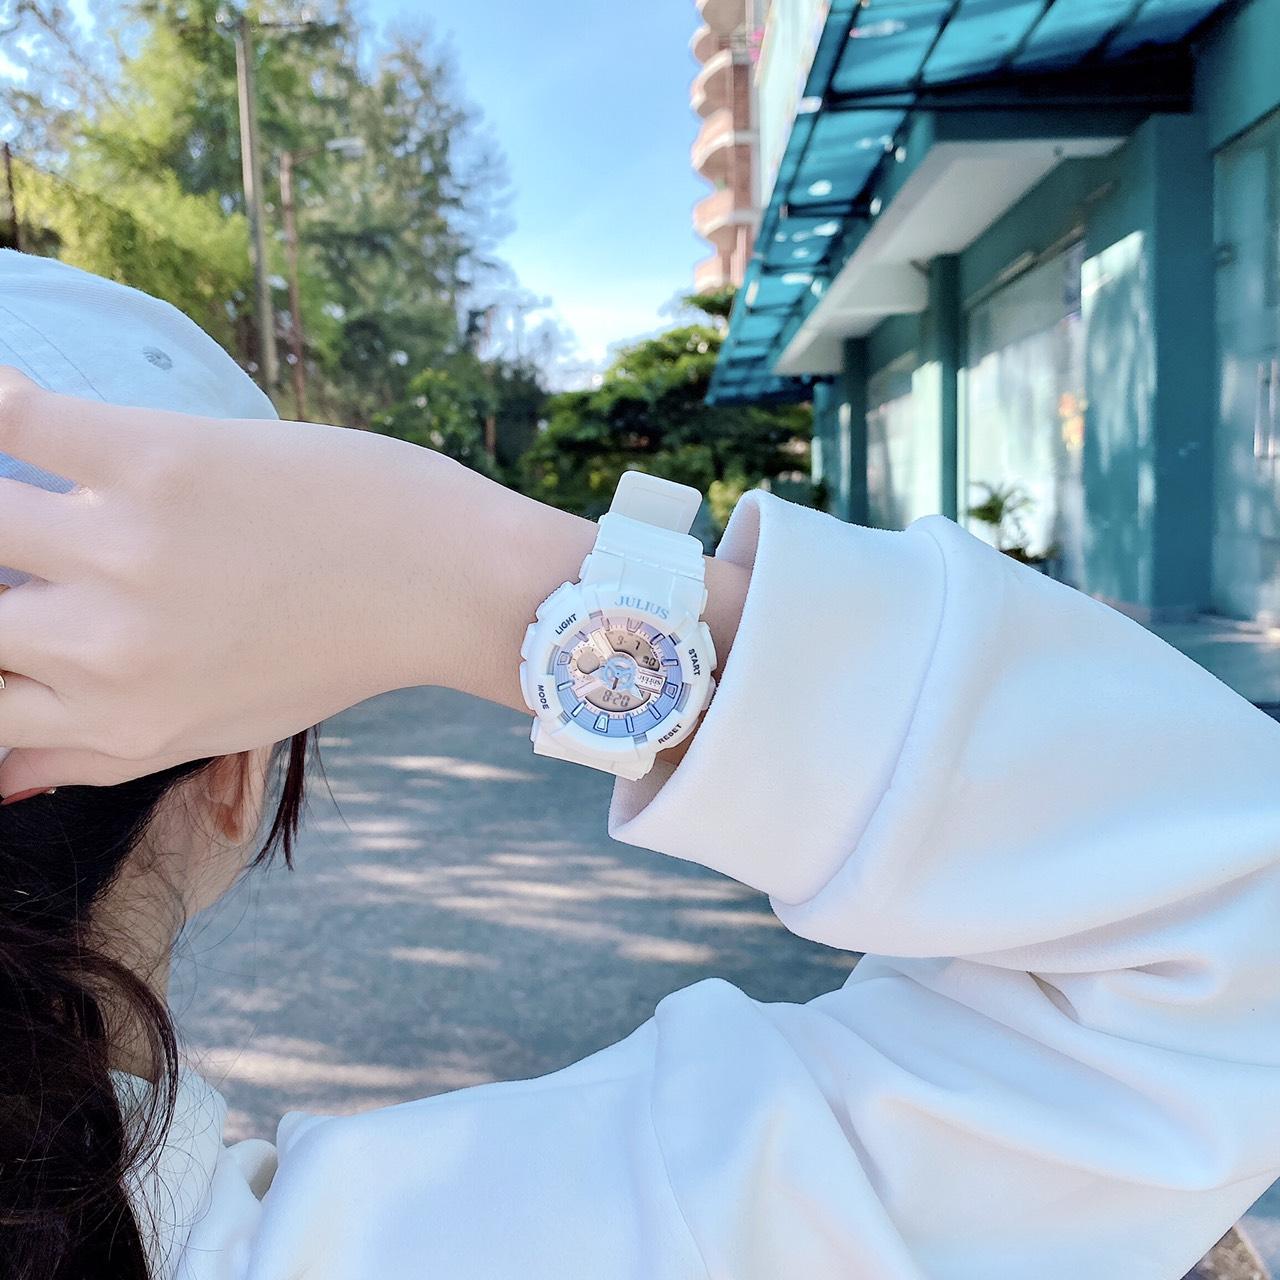 Đồng Hồ Nữ Julius Hàn Quốc JA1276 Phiên Bản Thể Thao Cá Tính, Có Lịch, Đếm Giờ, Báo Thức, Đèn LED